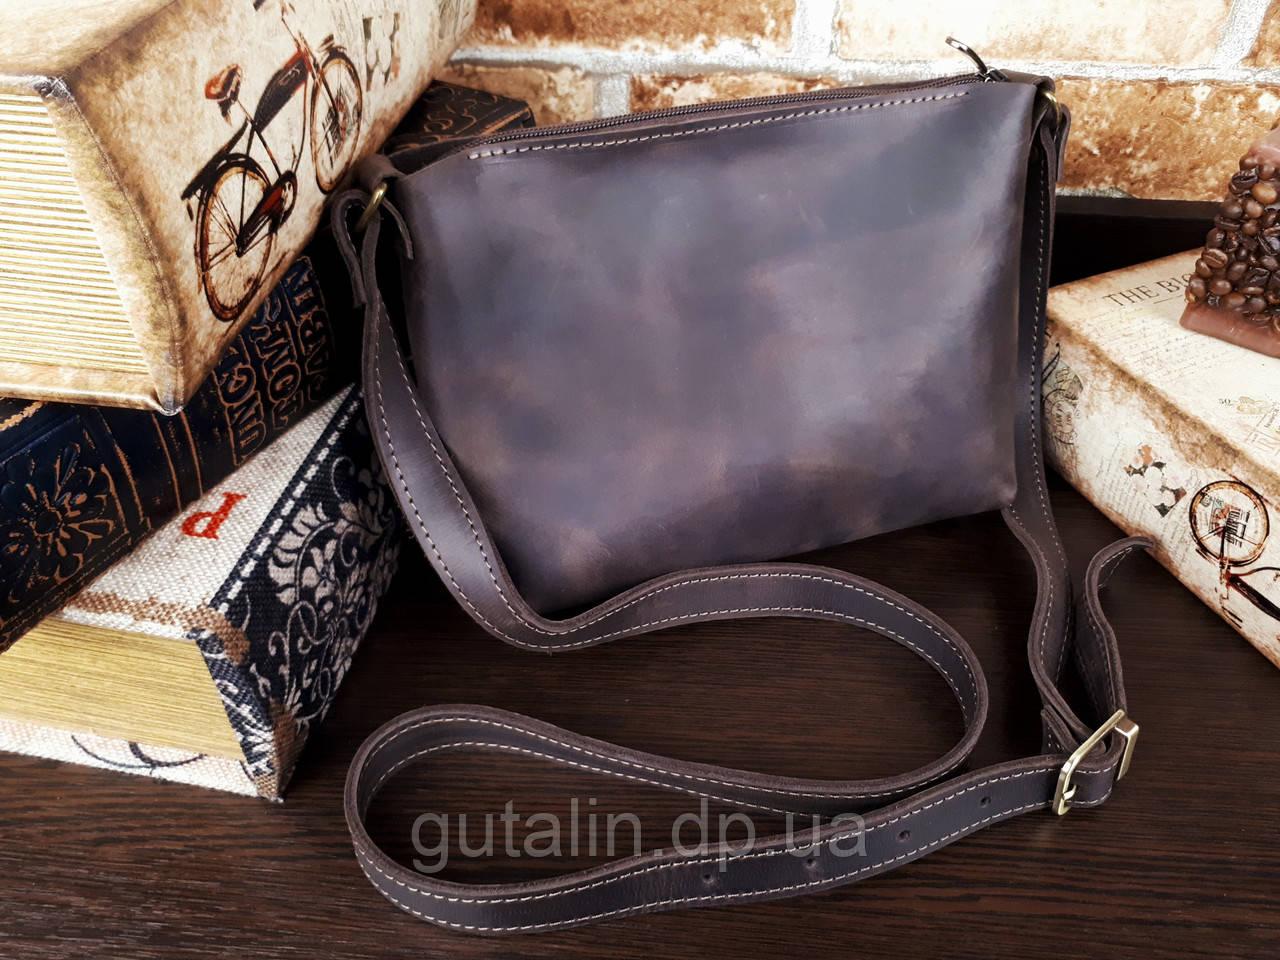 Женская сумка ручной работы из натуральной кожи цвет коричневый